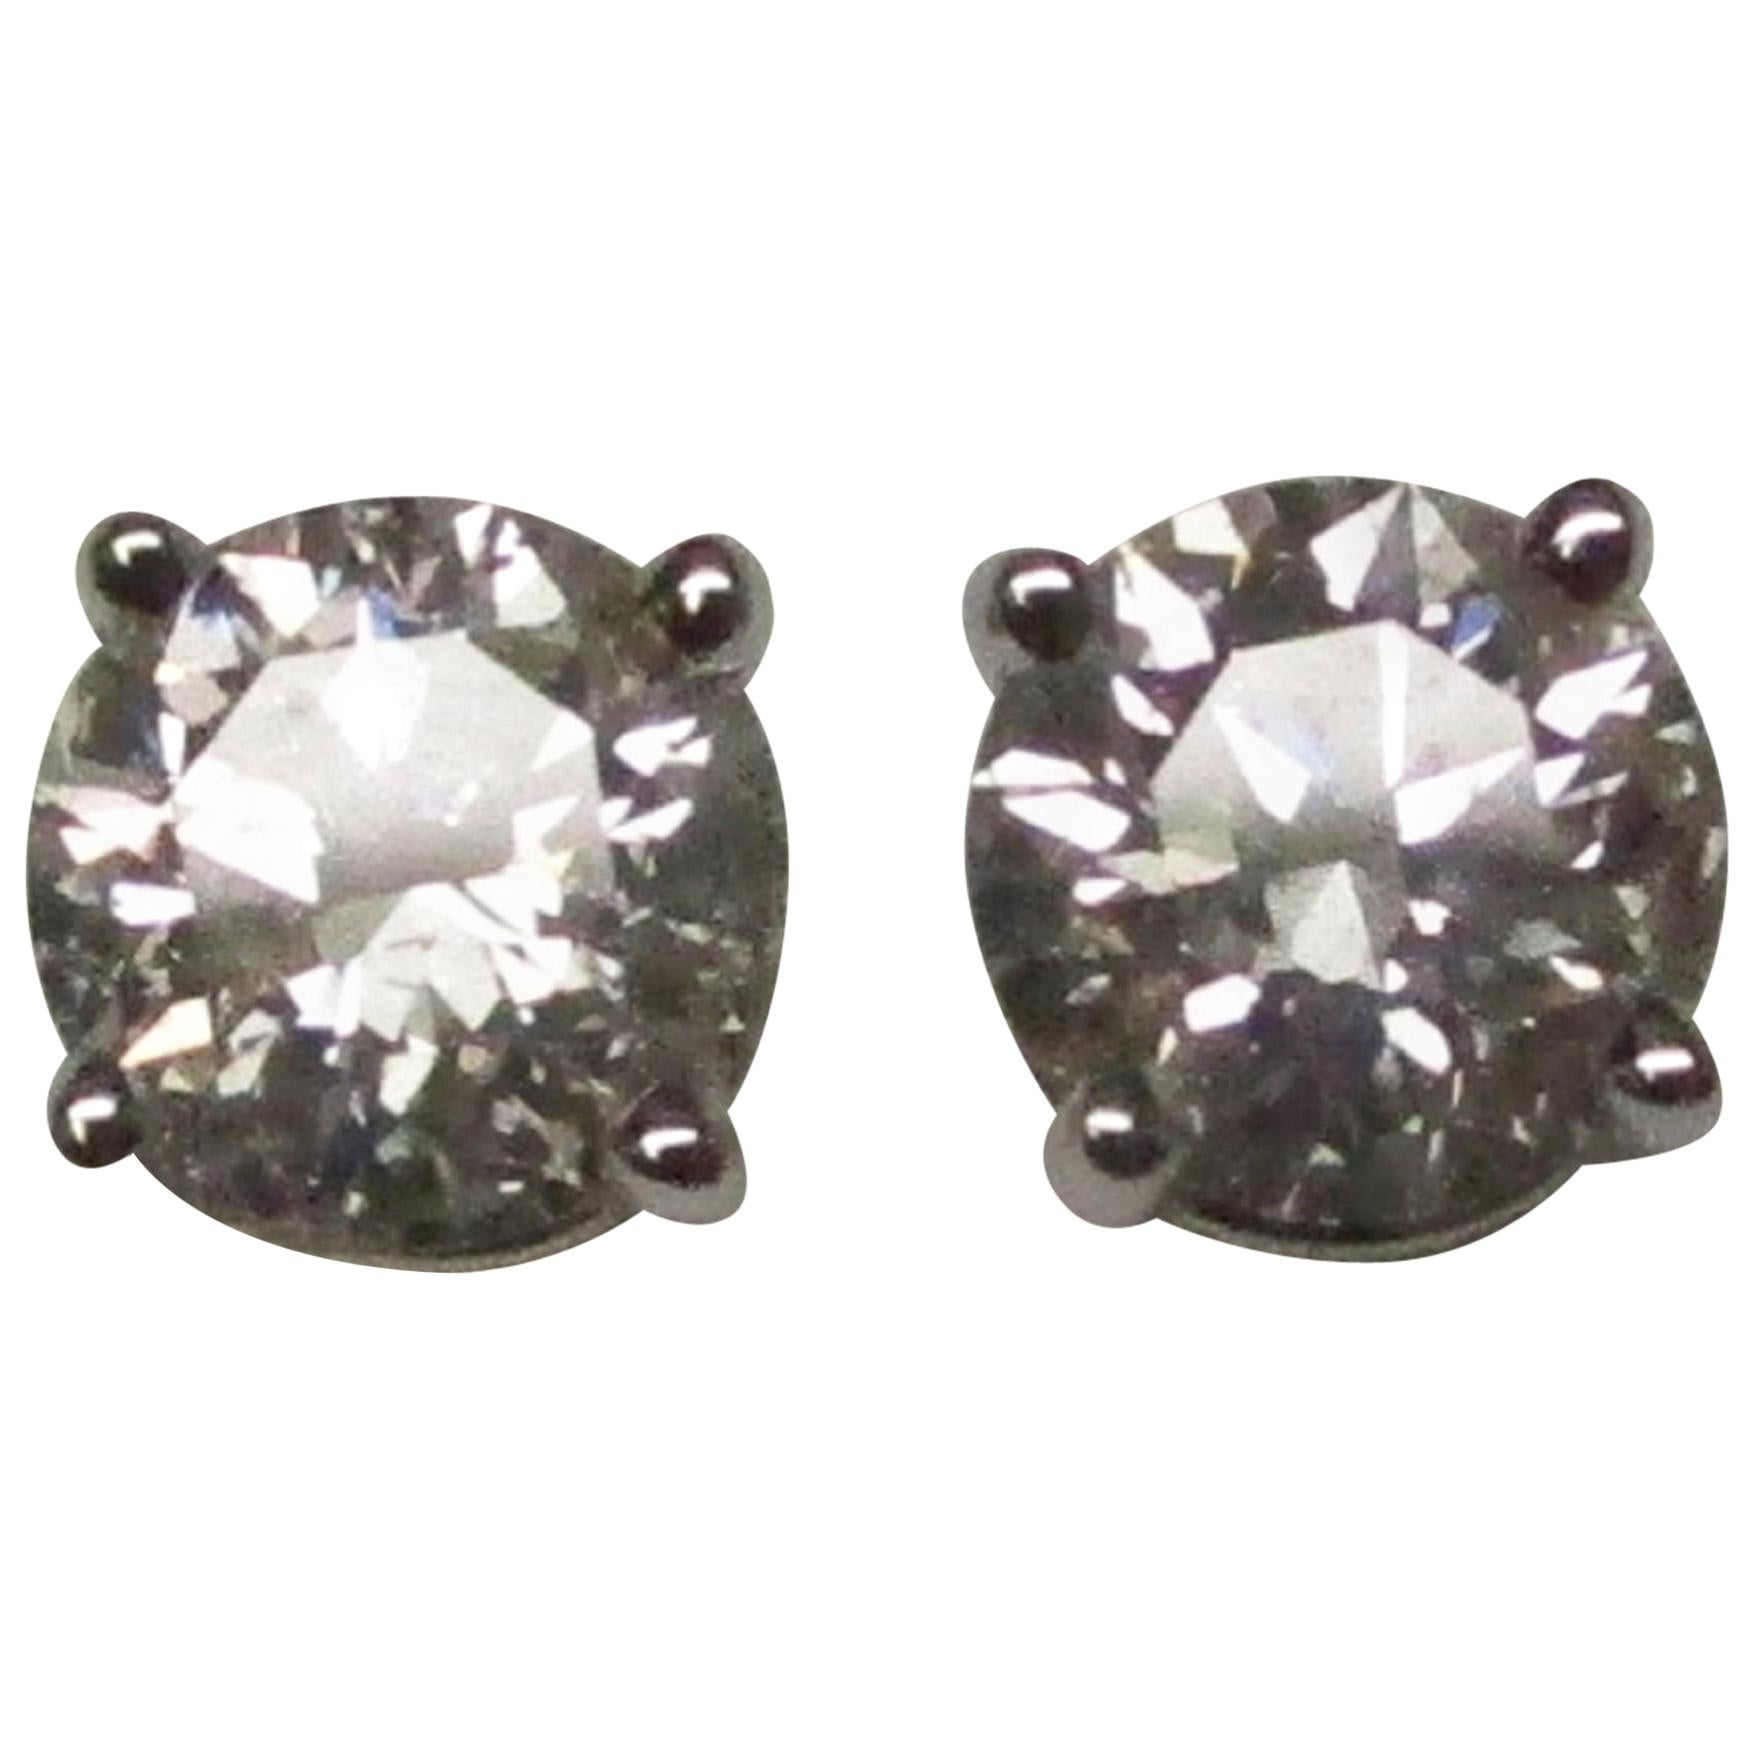 Diamond 14 Karat White Gold Stud Earrings